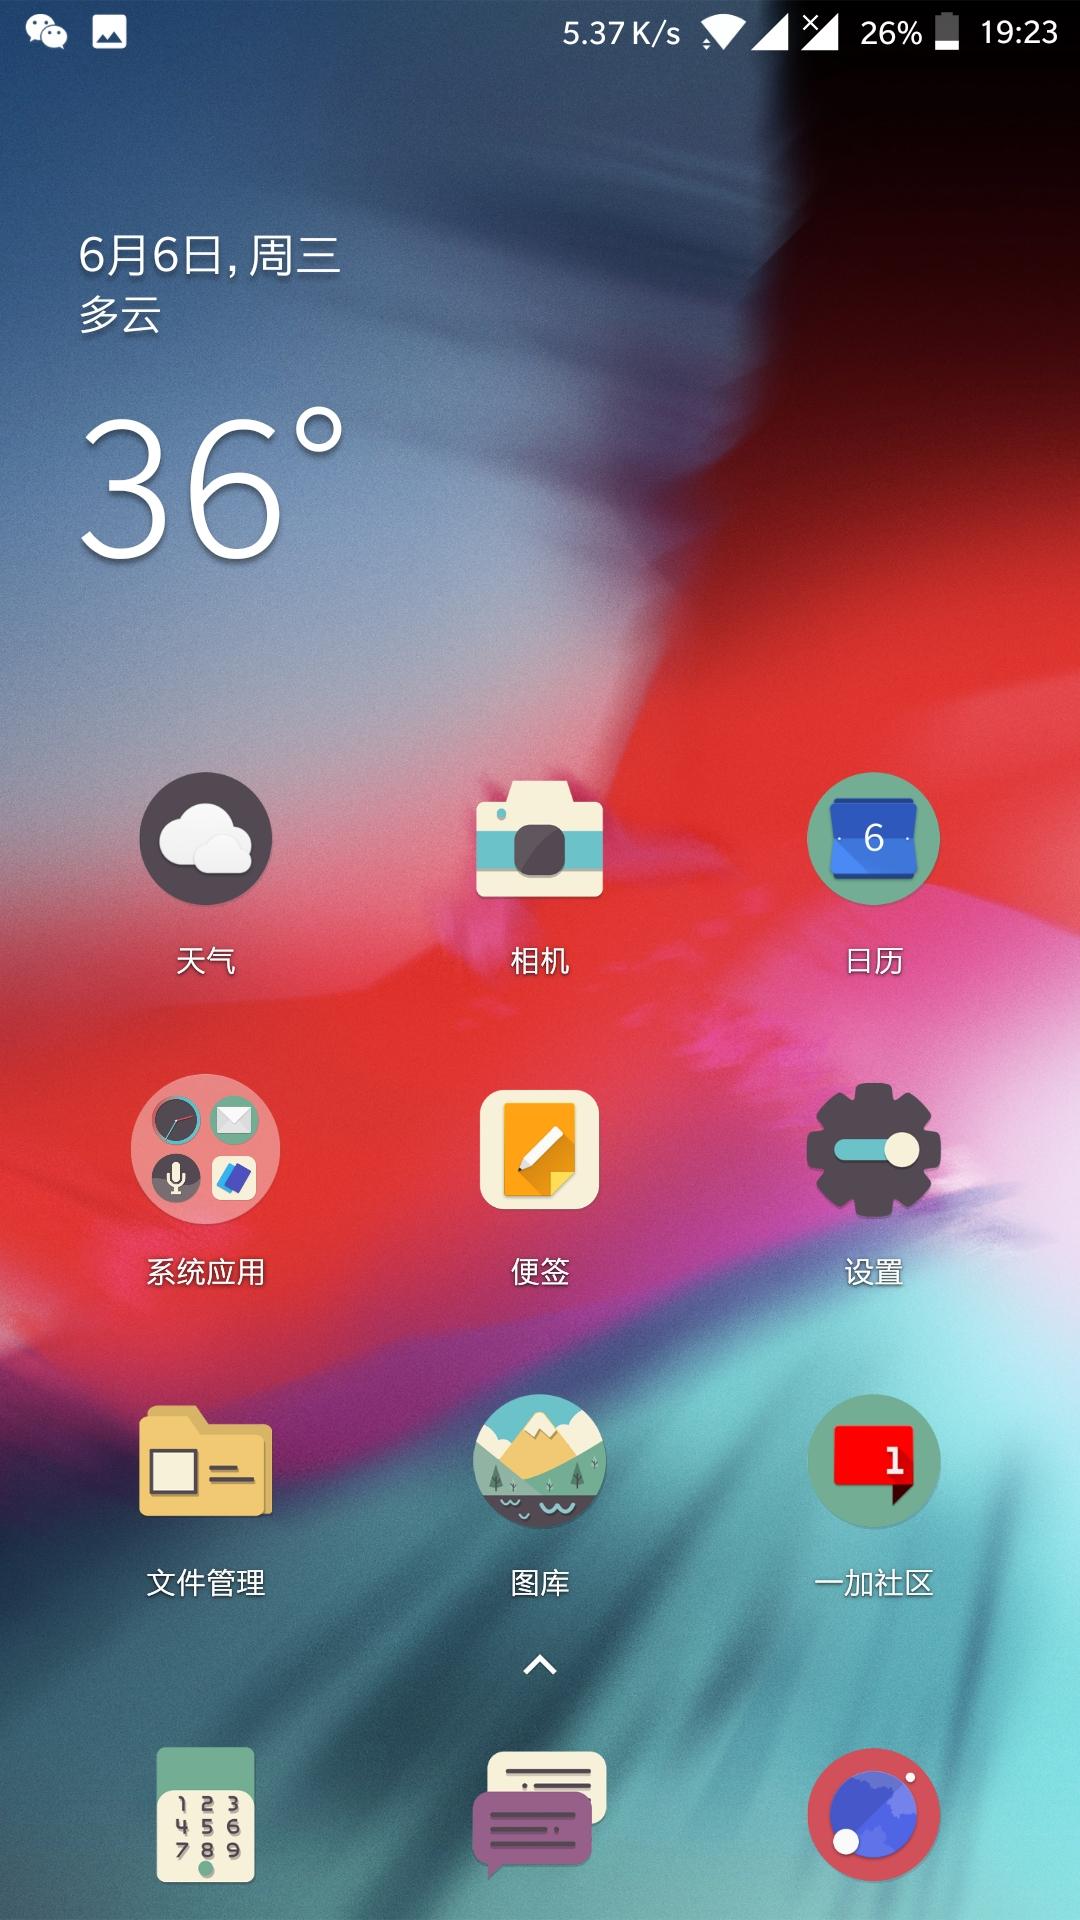 Screenshot_20180606-192338.jpg